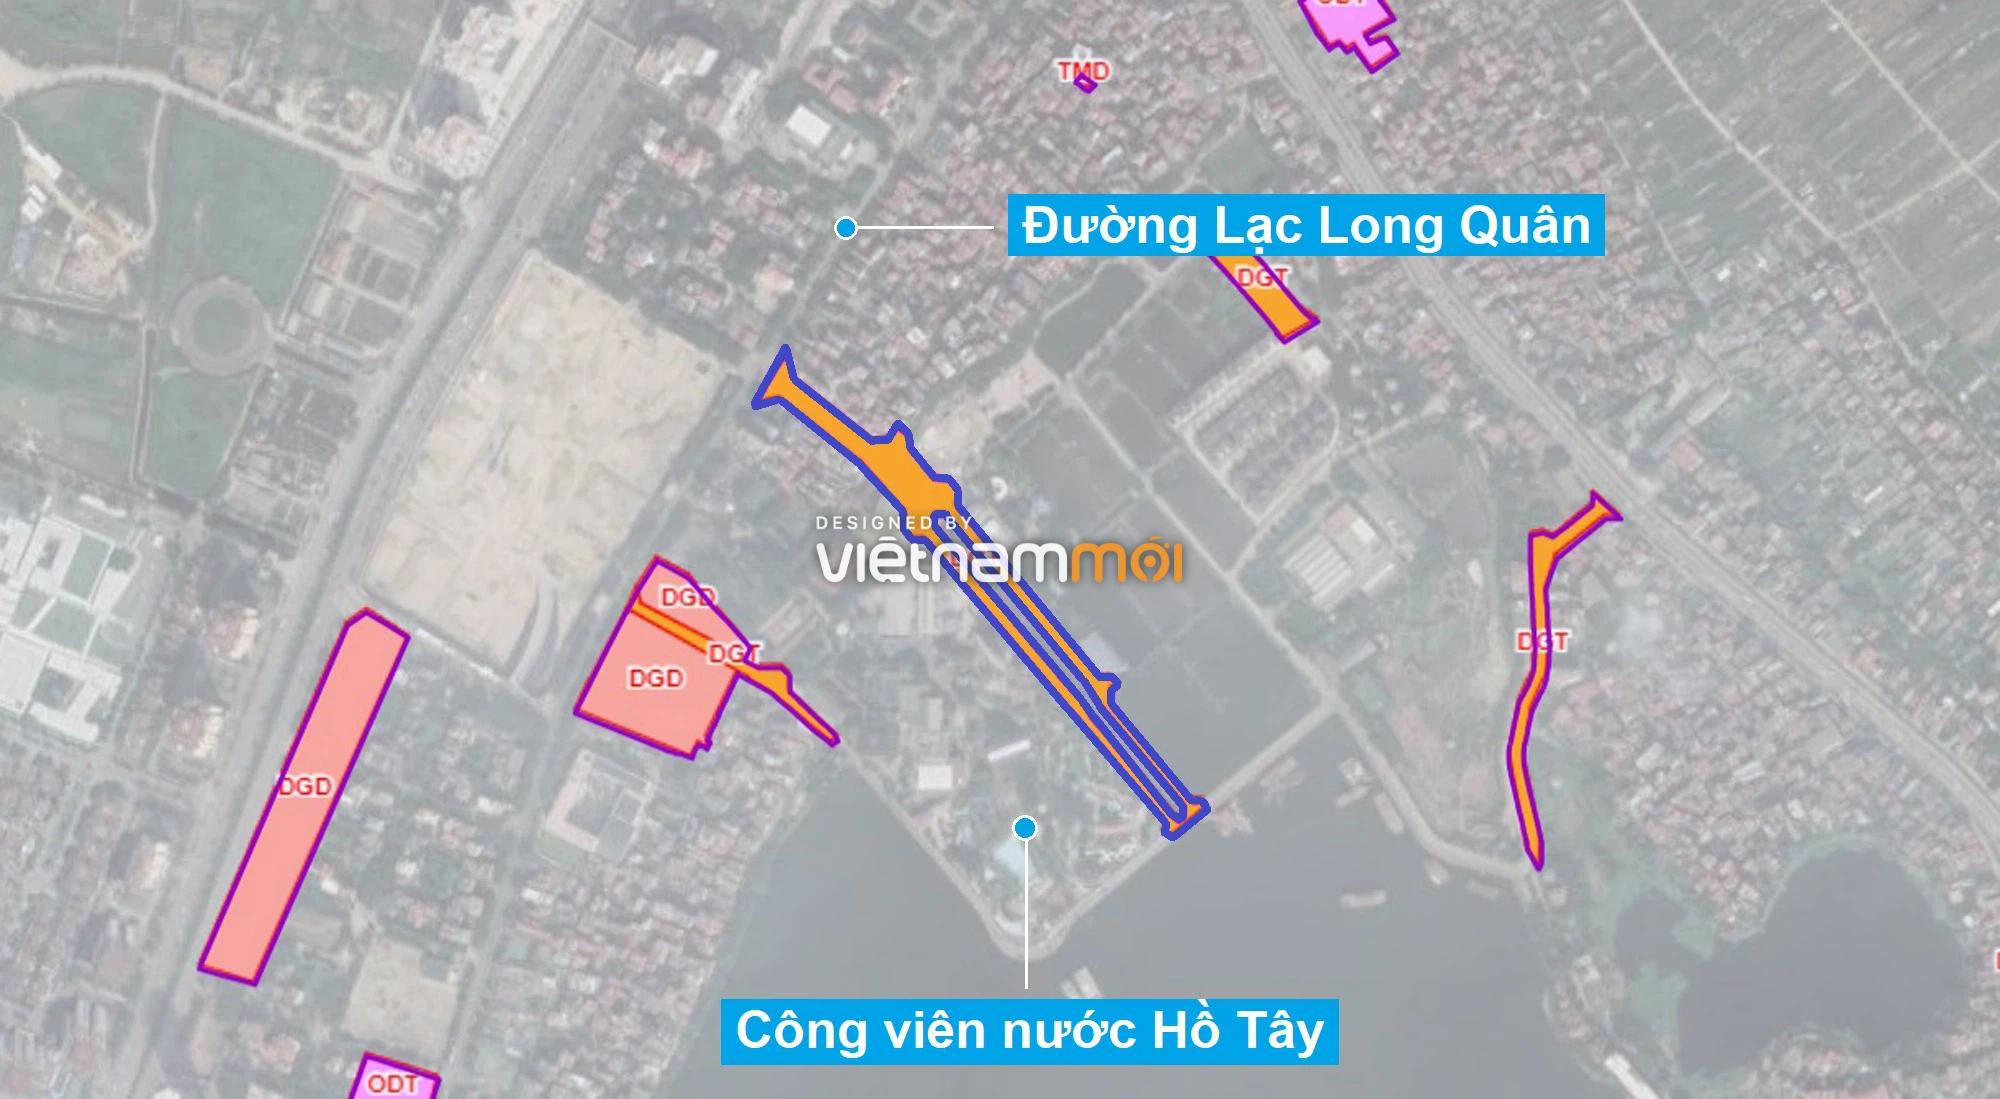 Những khu đất sắp thu hồi để mở đường ở quận Tây Hồ, Hà Nội (phần 2) - Ảnh 7.